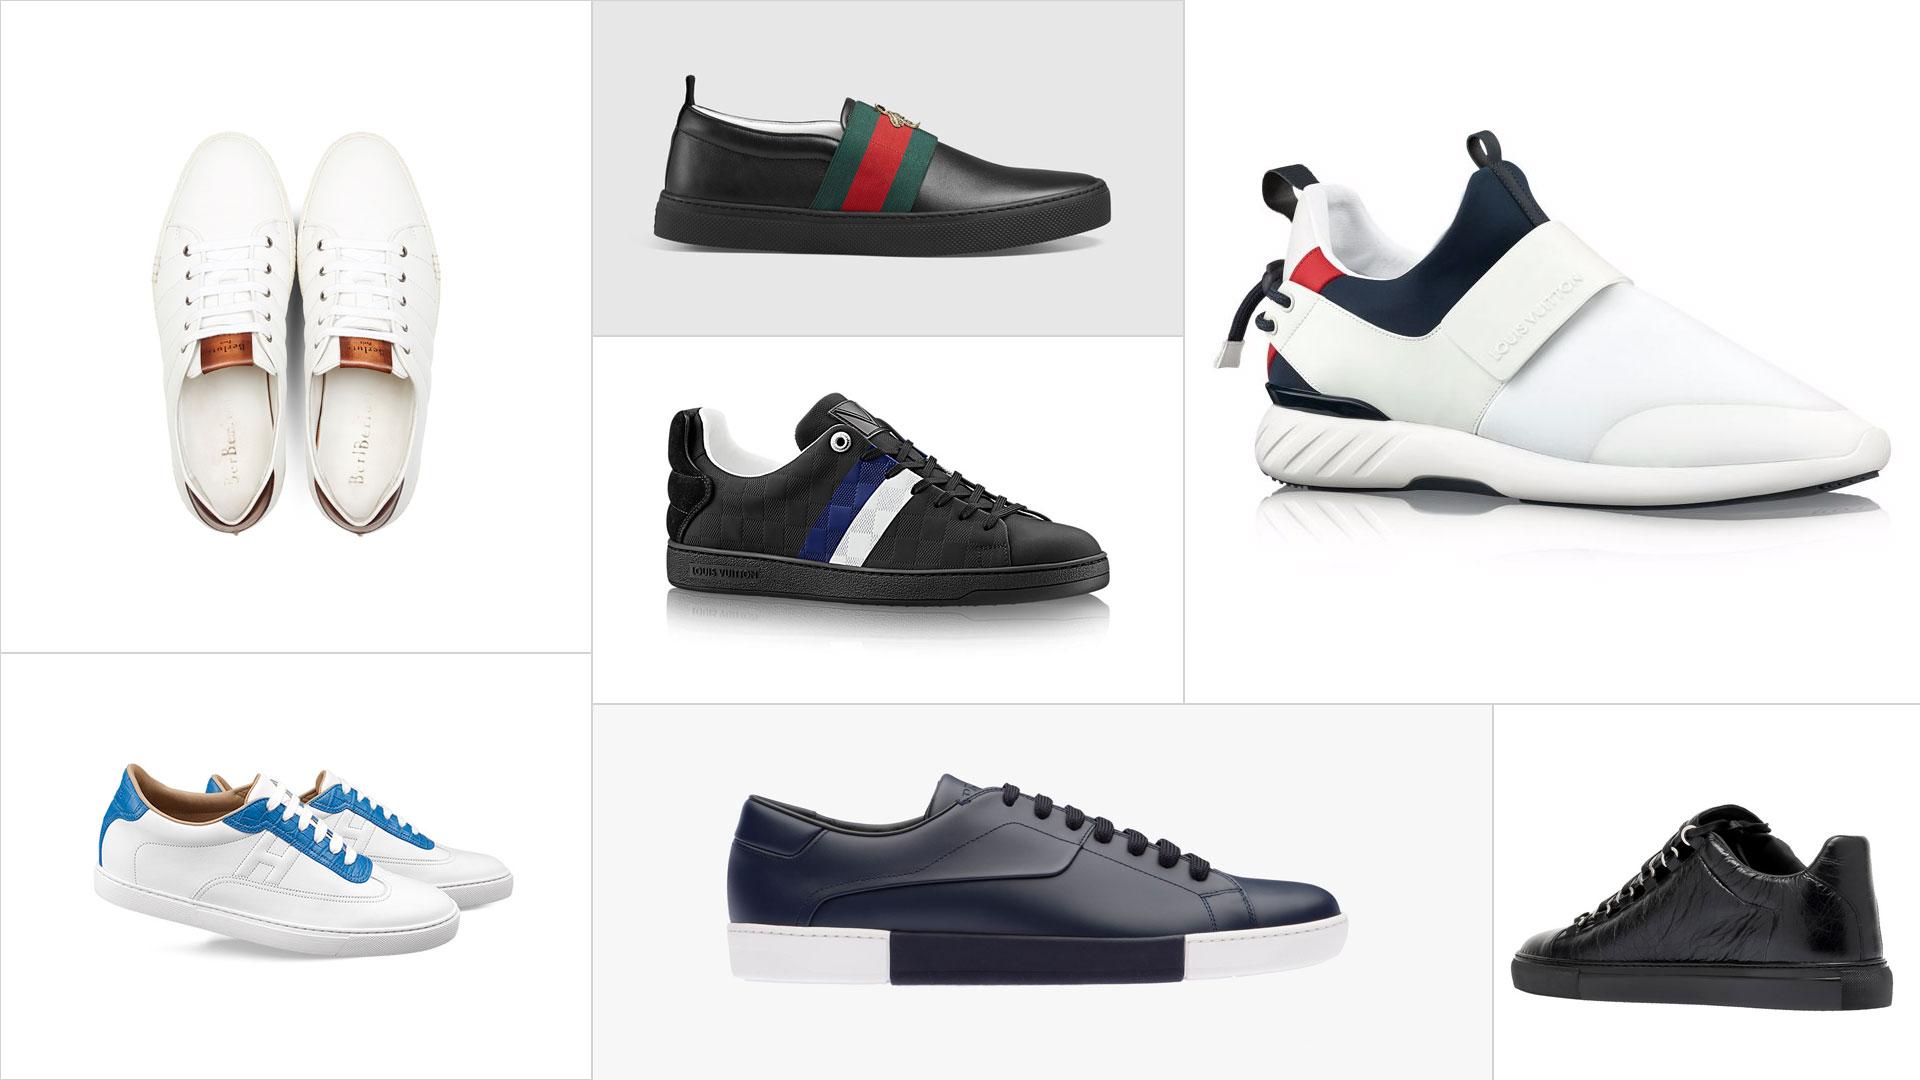 5b9f39b9f58 Top 11 Men s Designer Sneakers